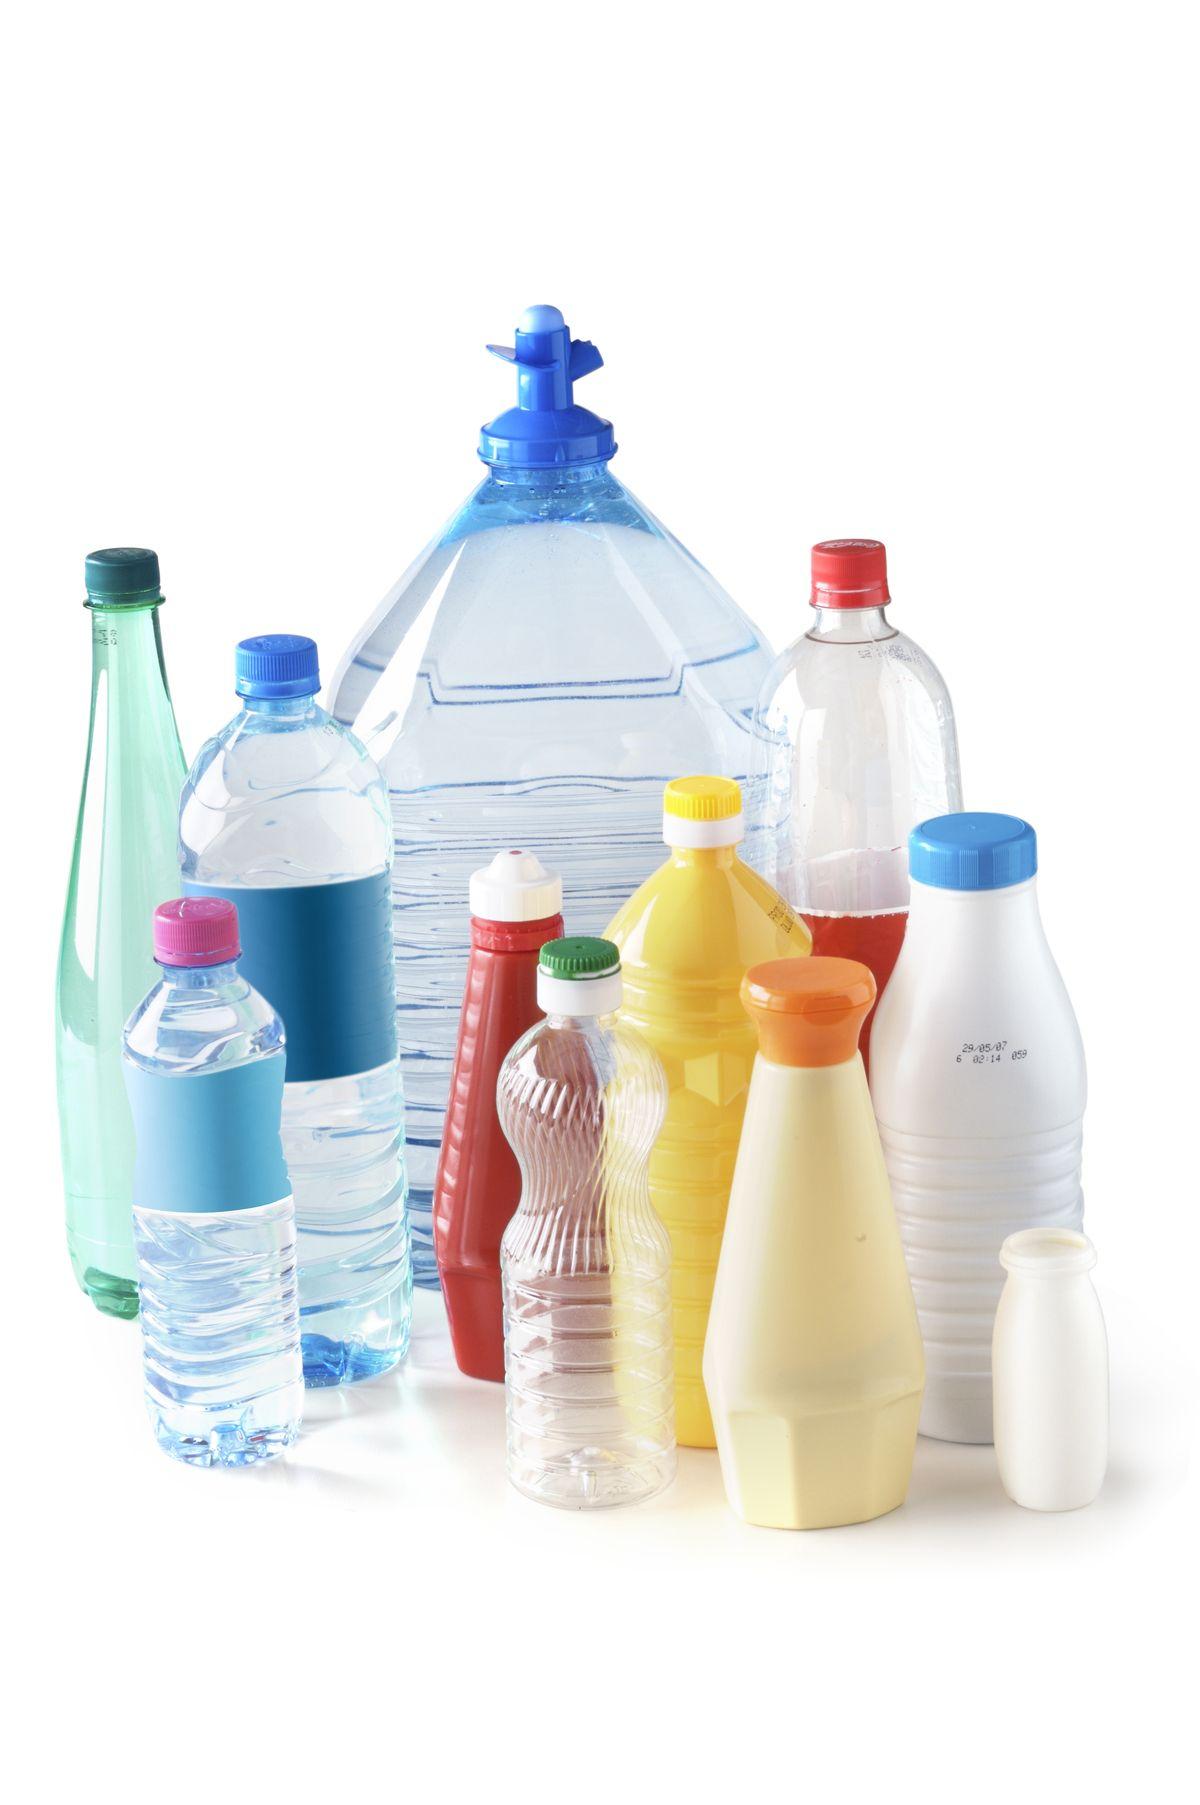 Jeune 39 idées de récup avec des bouteilles et bouchons | Boite LY-47